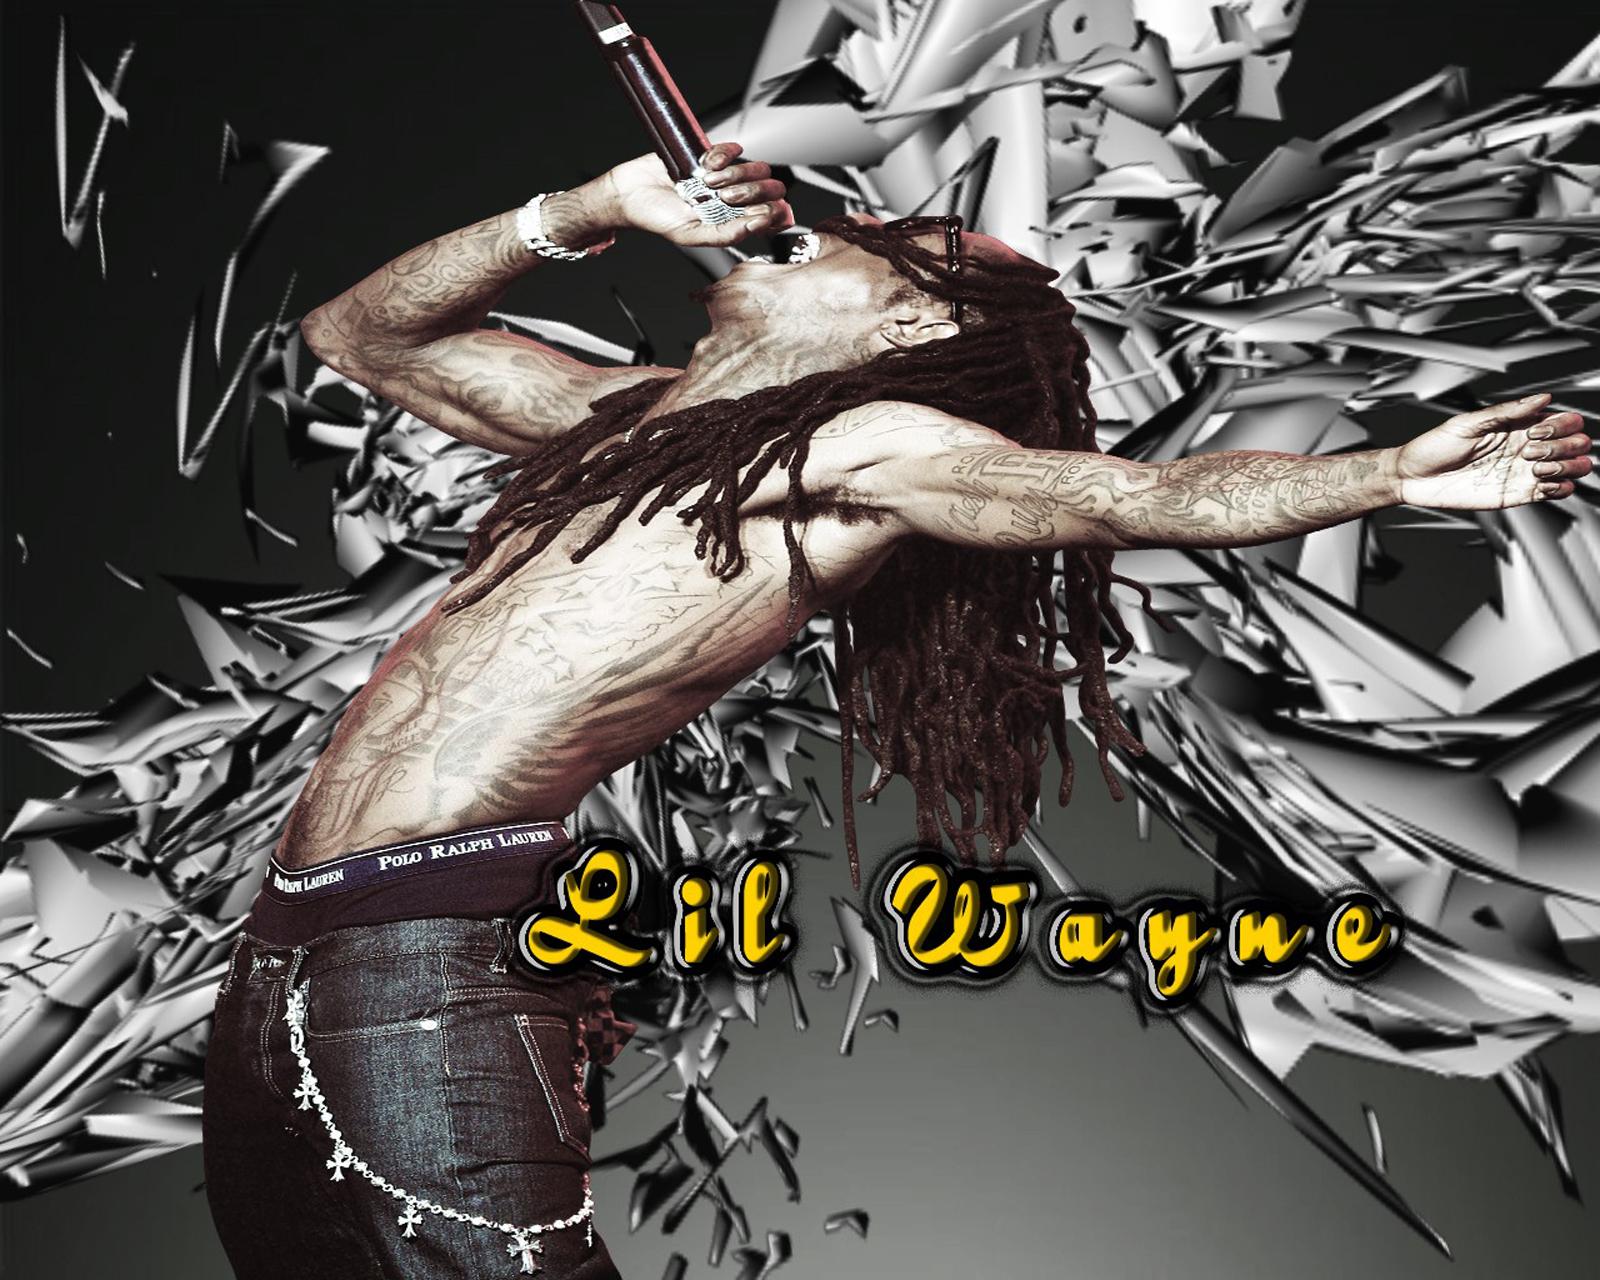 http://3.bp.blogspot.com/-ew76zInsH0A/TnnhWQfZ_kI/AAAAAAAADN4/GeItJibtgC0/s1600/Lil_Wayne_HD_3d_graffiti_tattoo_background_Vvallpaper.net.jpg